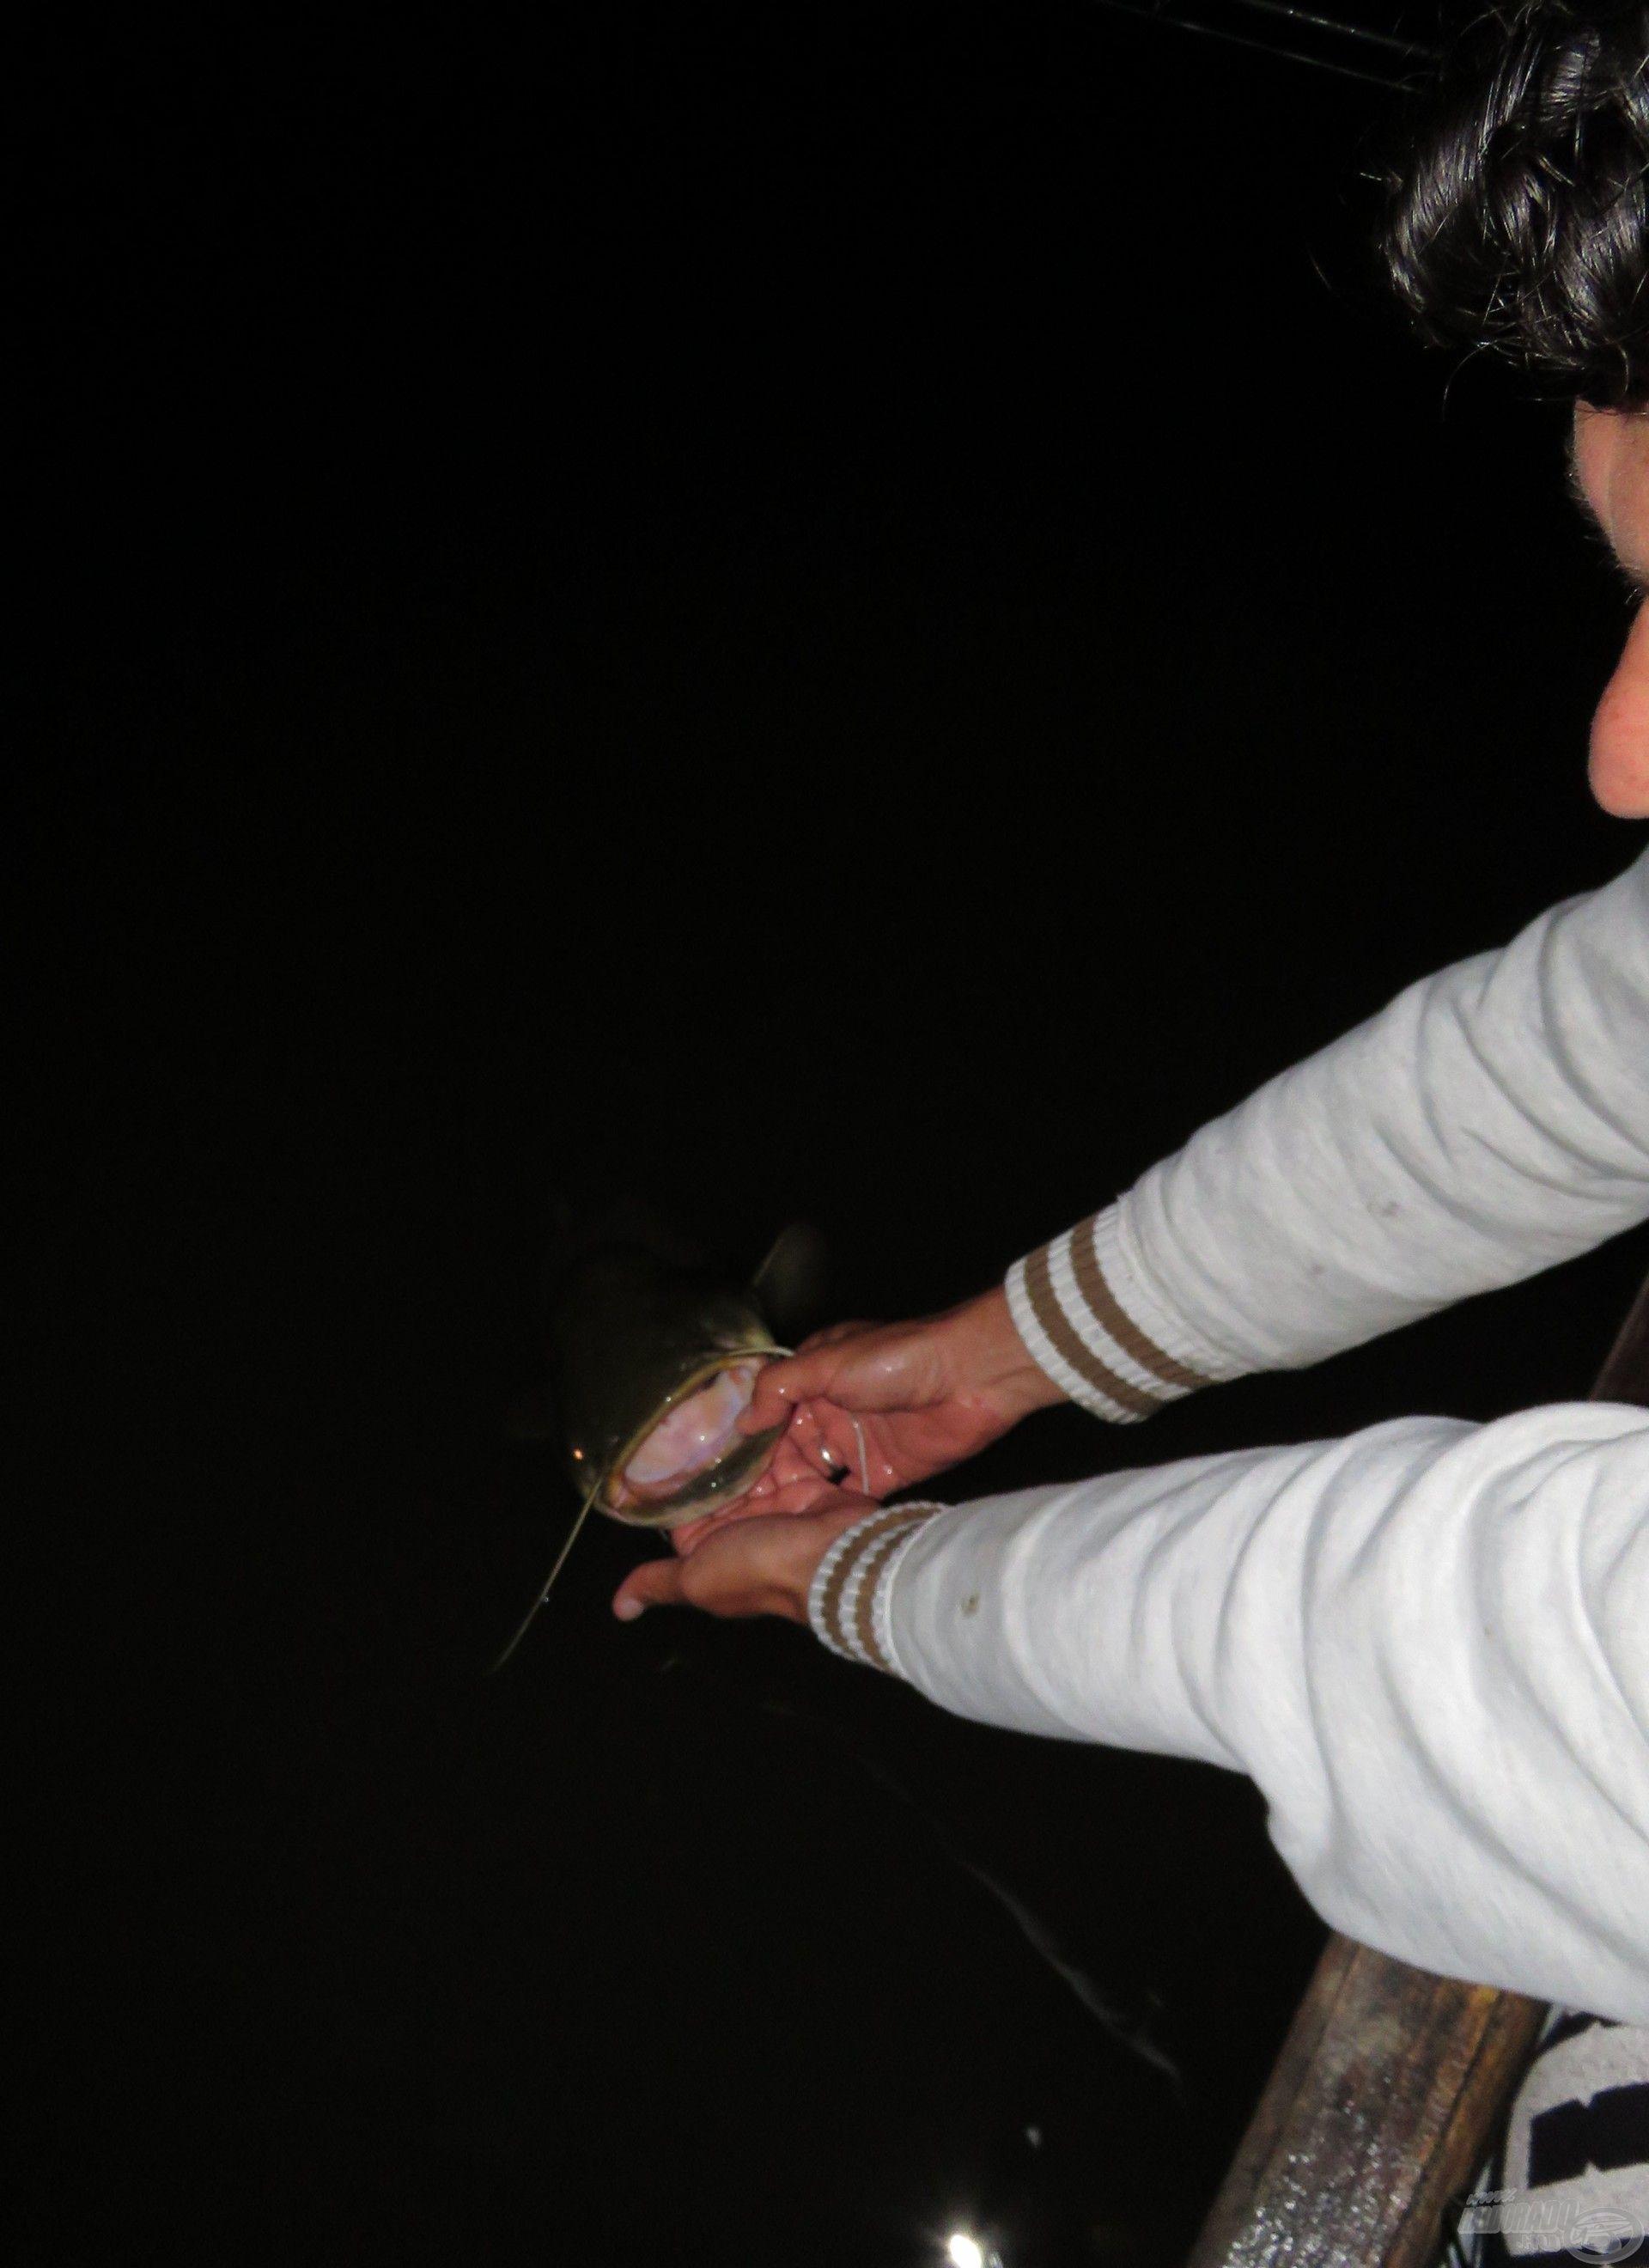 Tamás barátom épp a sokadik harcsáját engedi el egyazon éjszaka alatt…